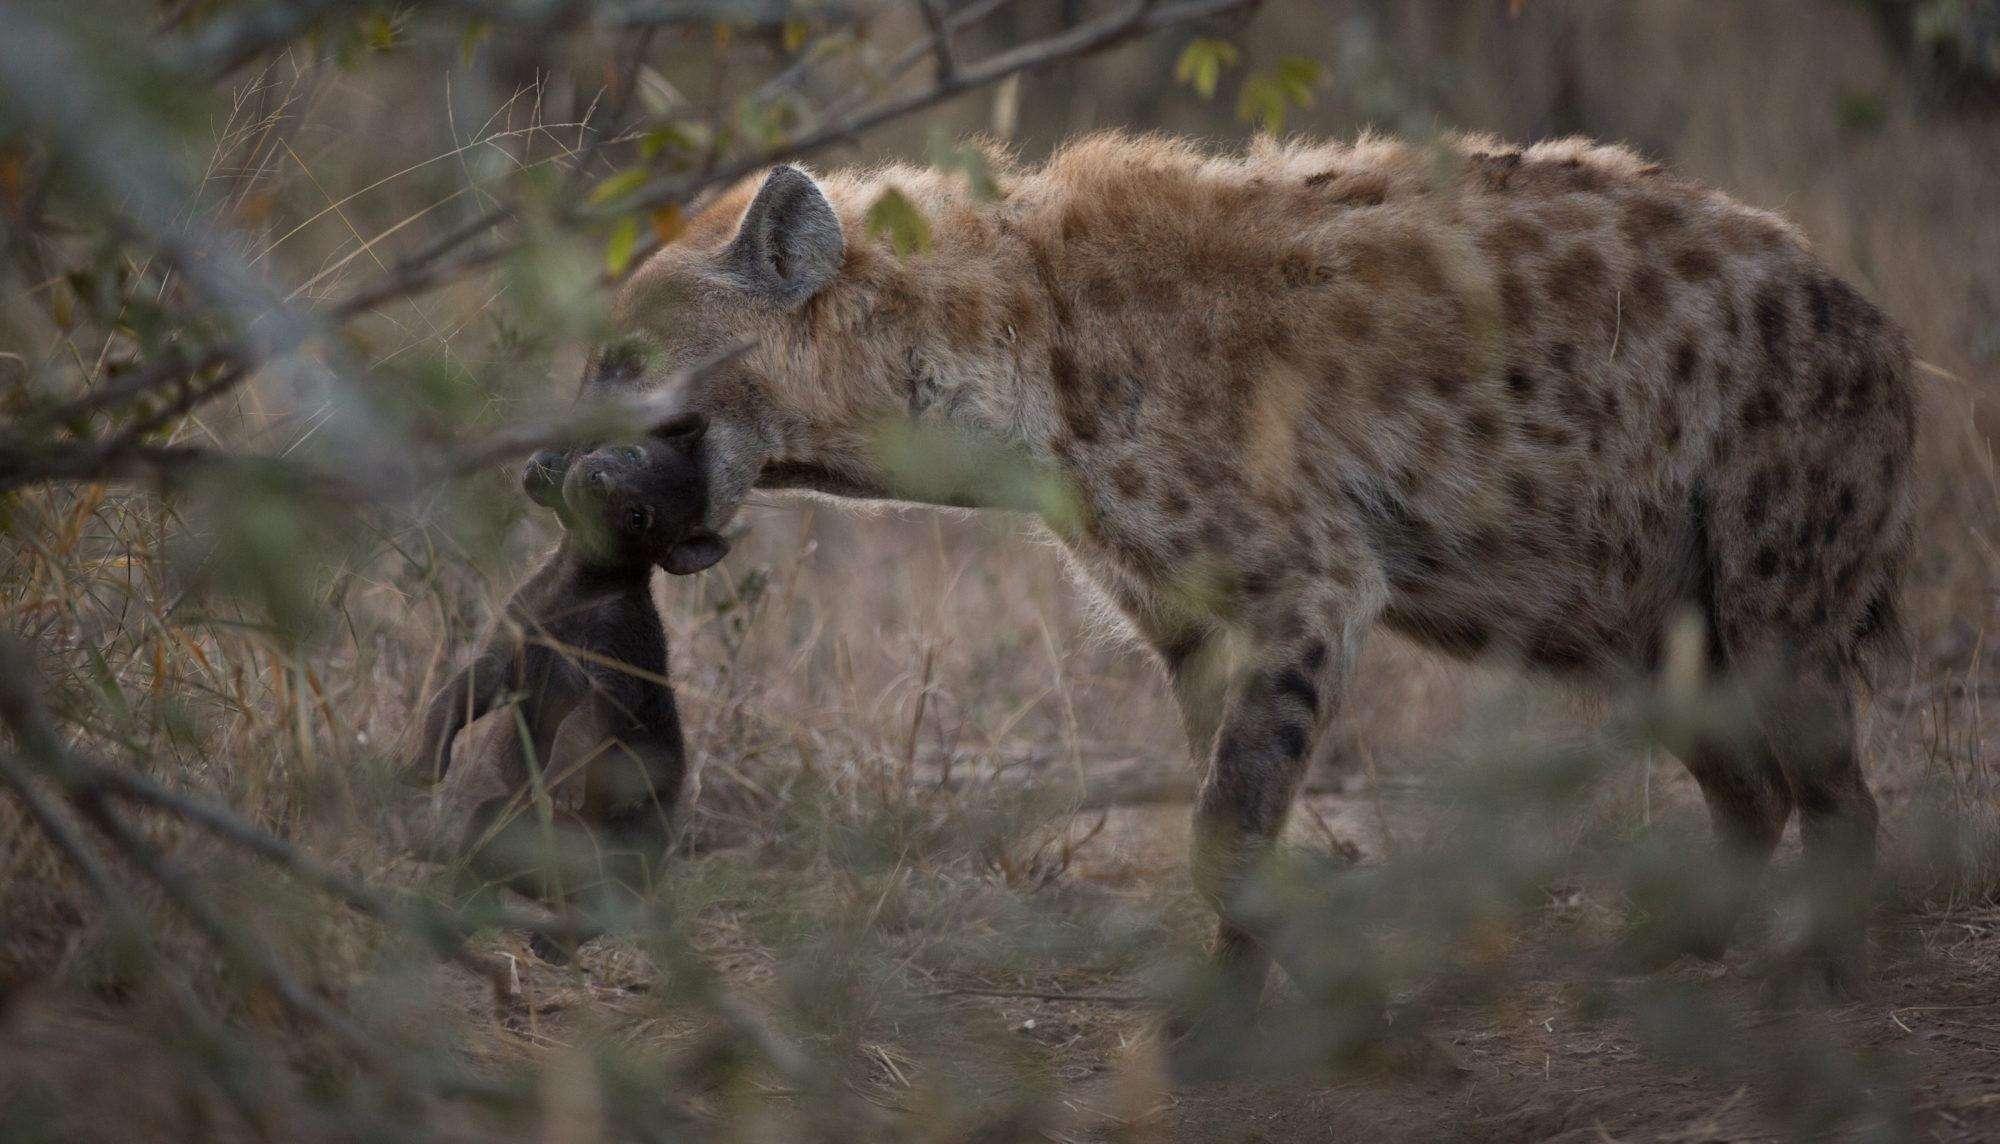 hyena-holding-pup-2018_16369  ஆணாகப் பிறந்தால் ரொம்பவே கஷ்டம்தான்!' கழுதைப் புலிகளின் சர்வைவல் கதை பகுதி 4 hyena holding pup 2018 16369